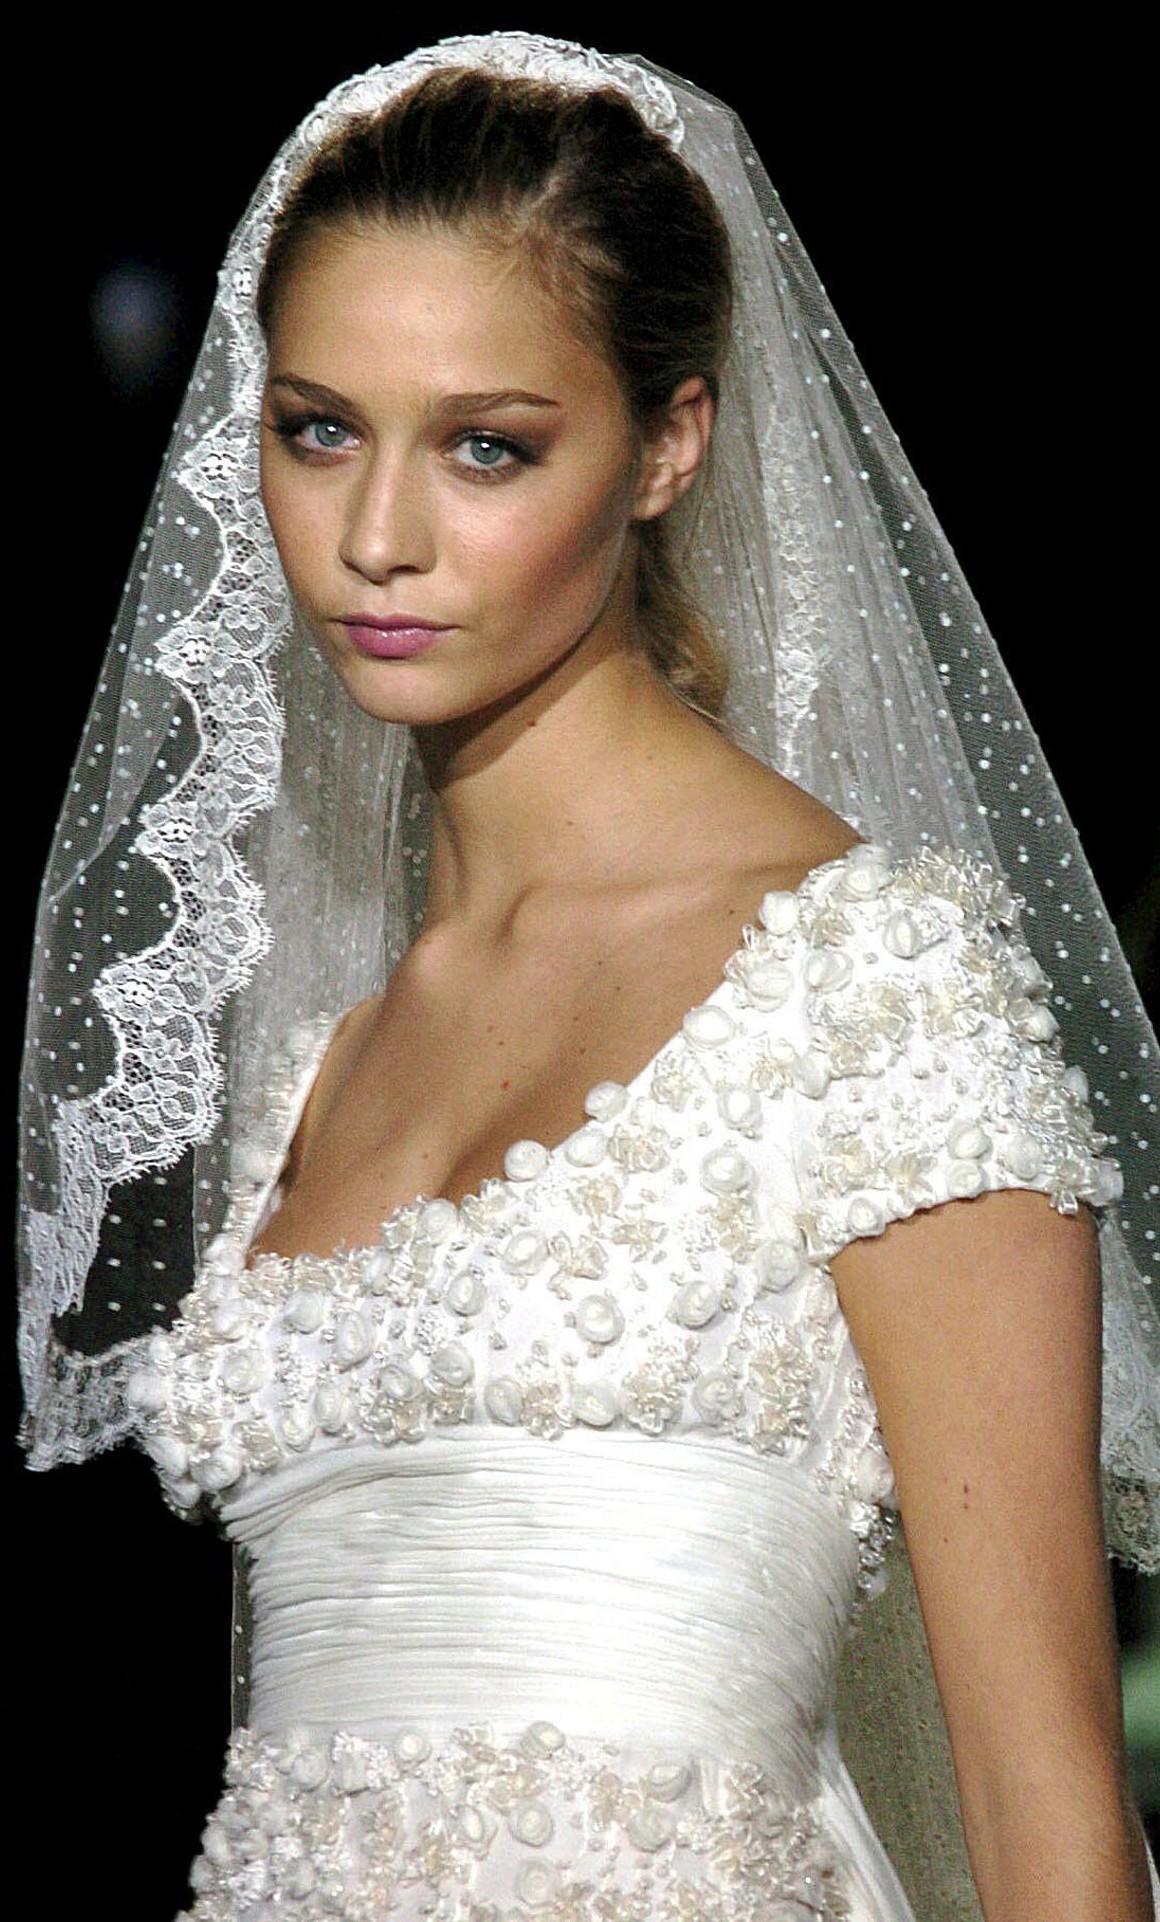 2005 modelte Beatrice Borromeo für die Brautmodenkollektion von Valentino. Für ihre baldige Hochzeit konnte sie da schon fleißig üben.